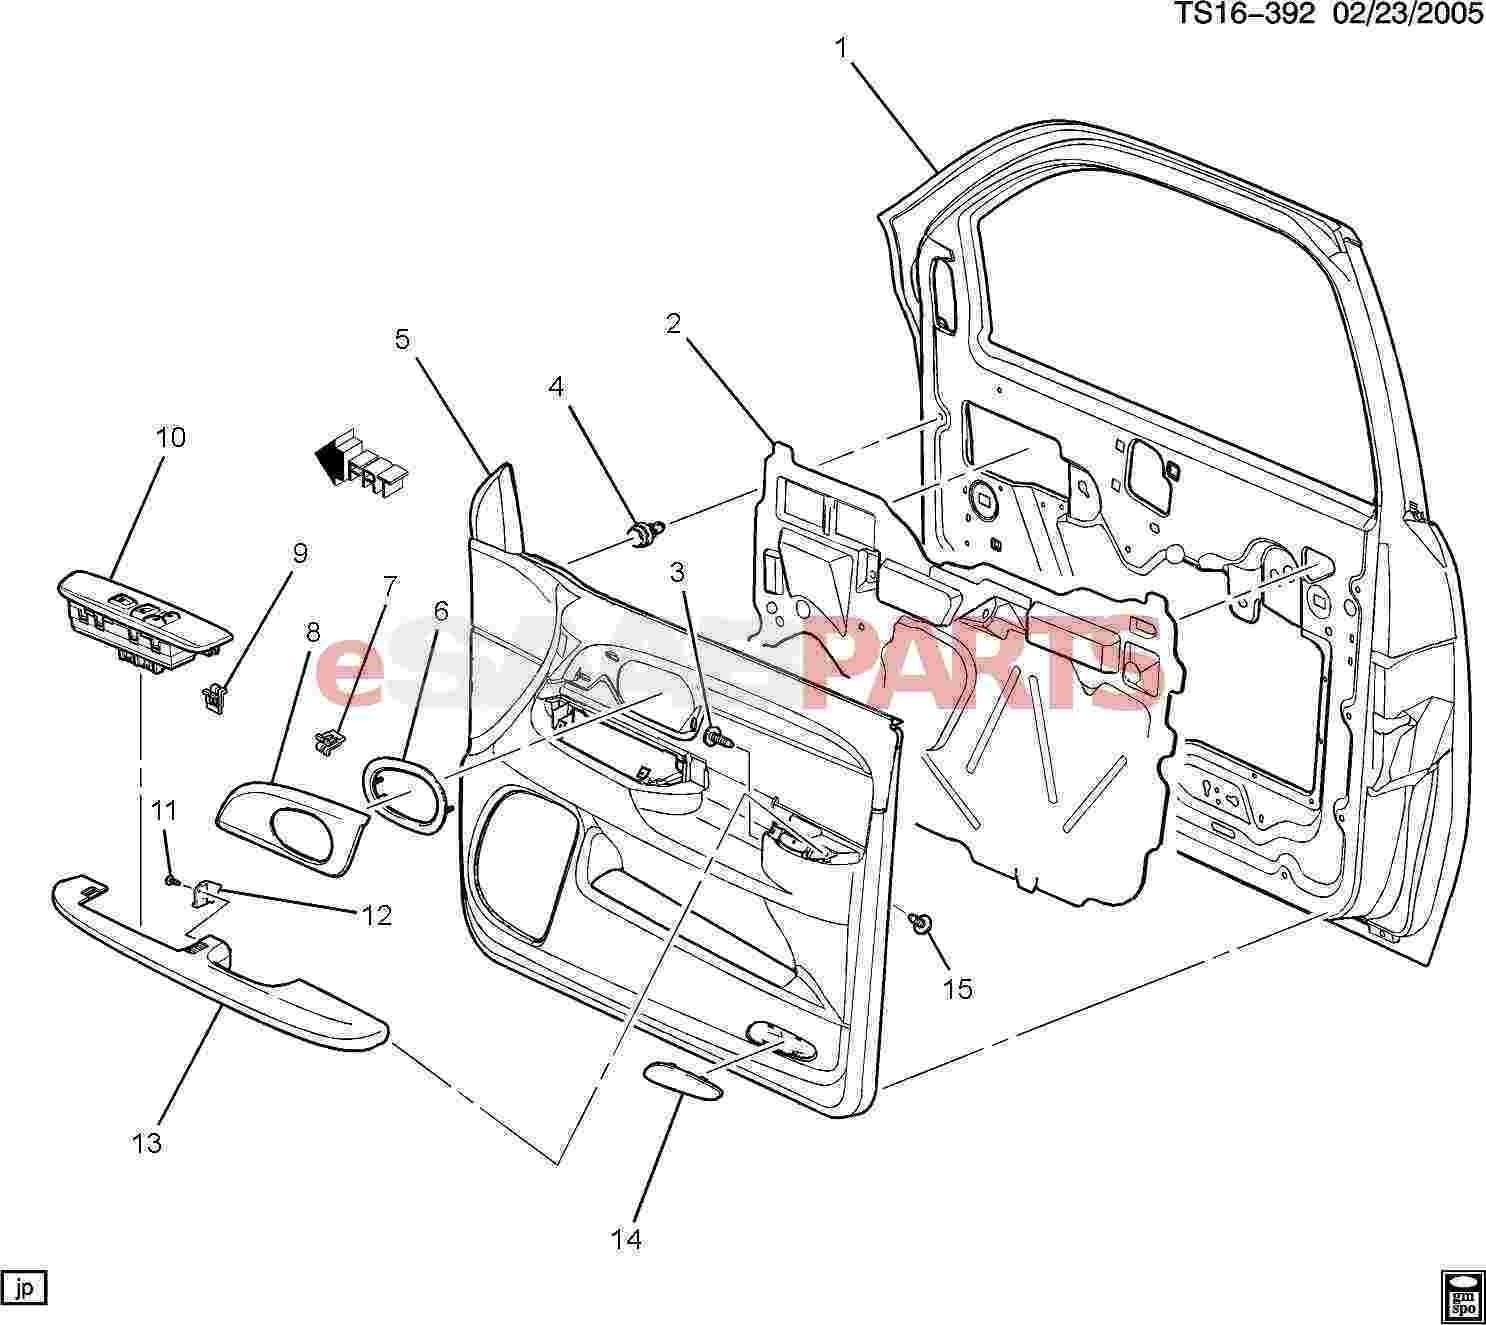 Car Engine Part Diagram Diagram Car Engine Parts ] Saab Bolt Hwh with Fl Wa M4 2—1 41—20 Of Car Engine Part Diagram